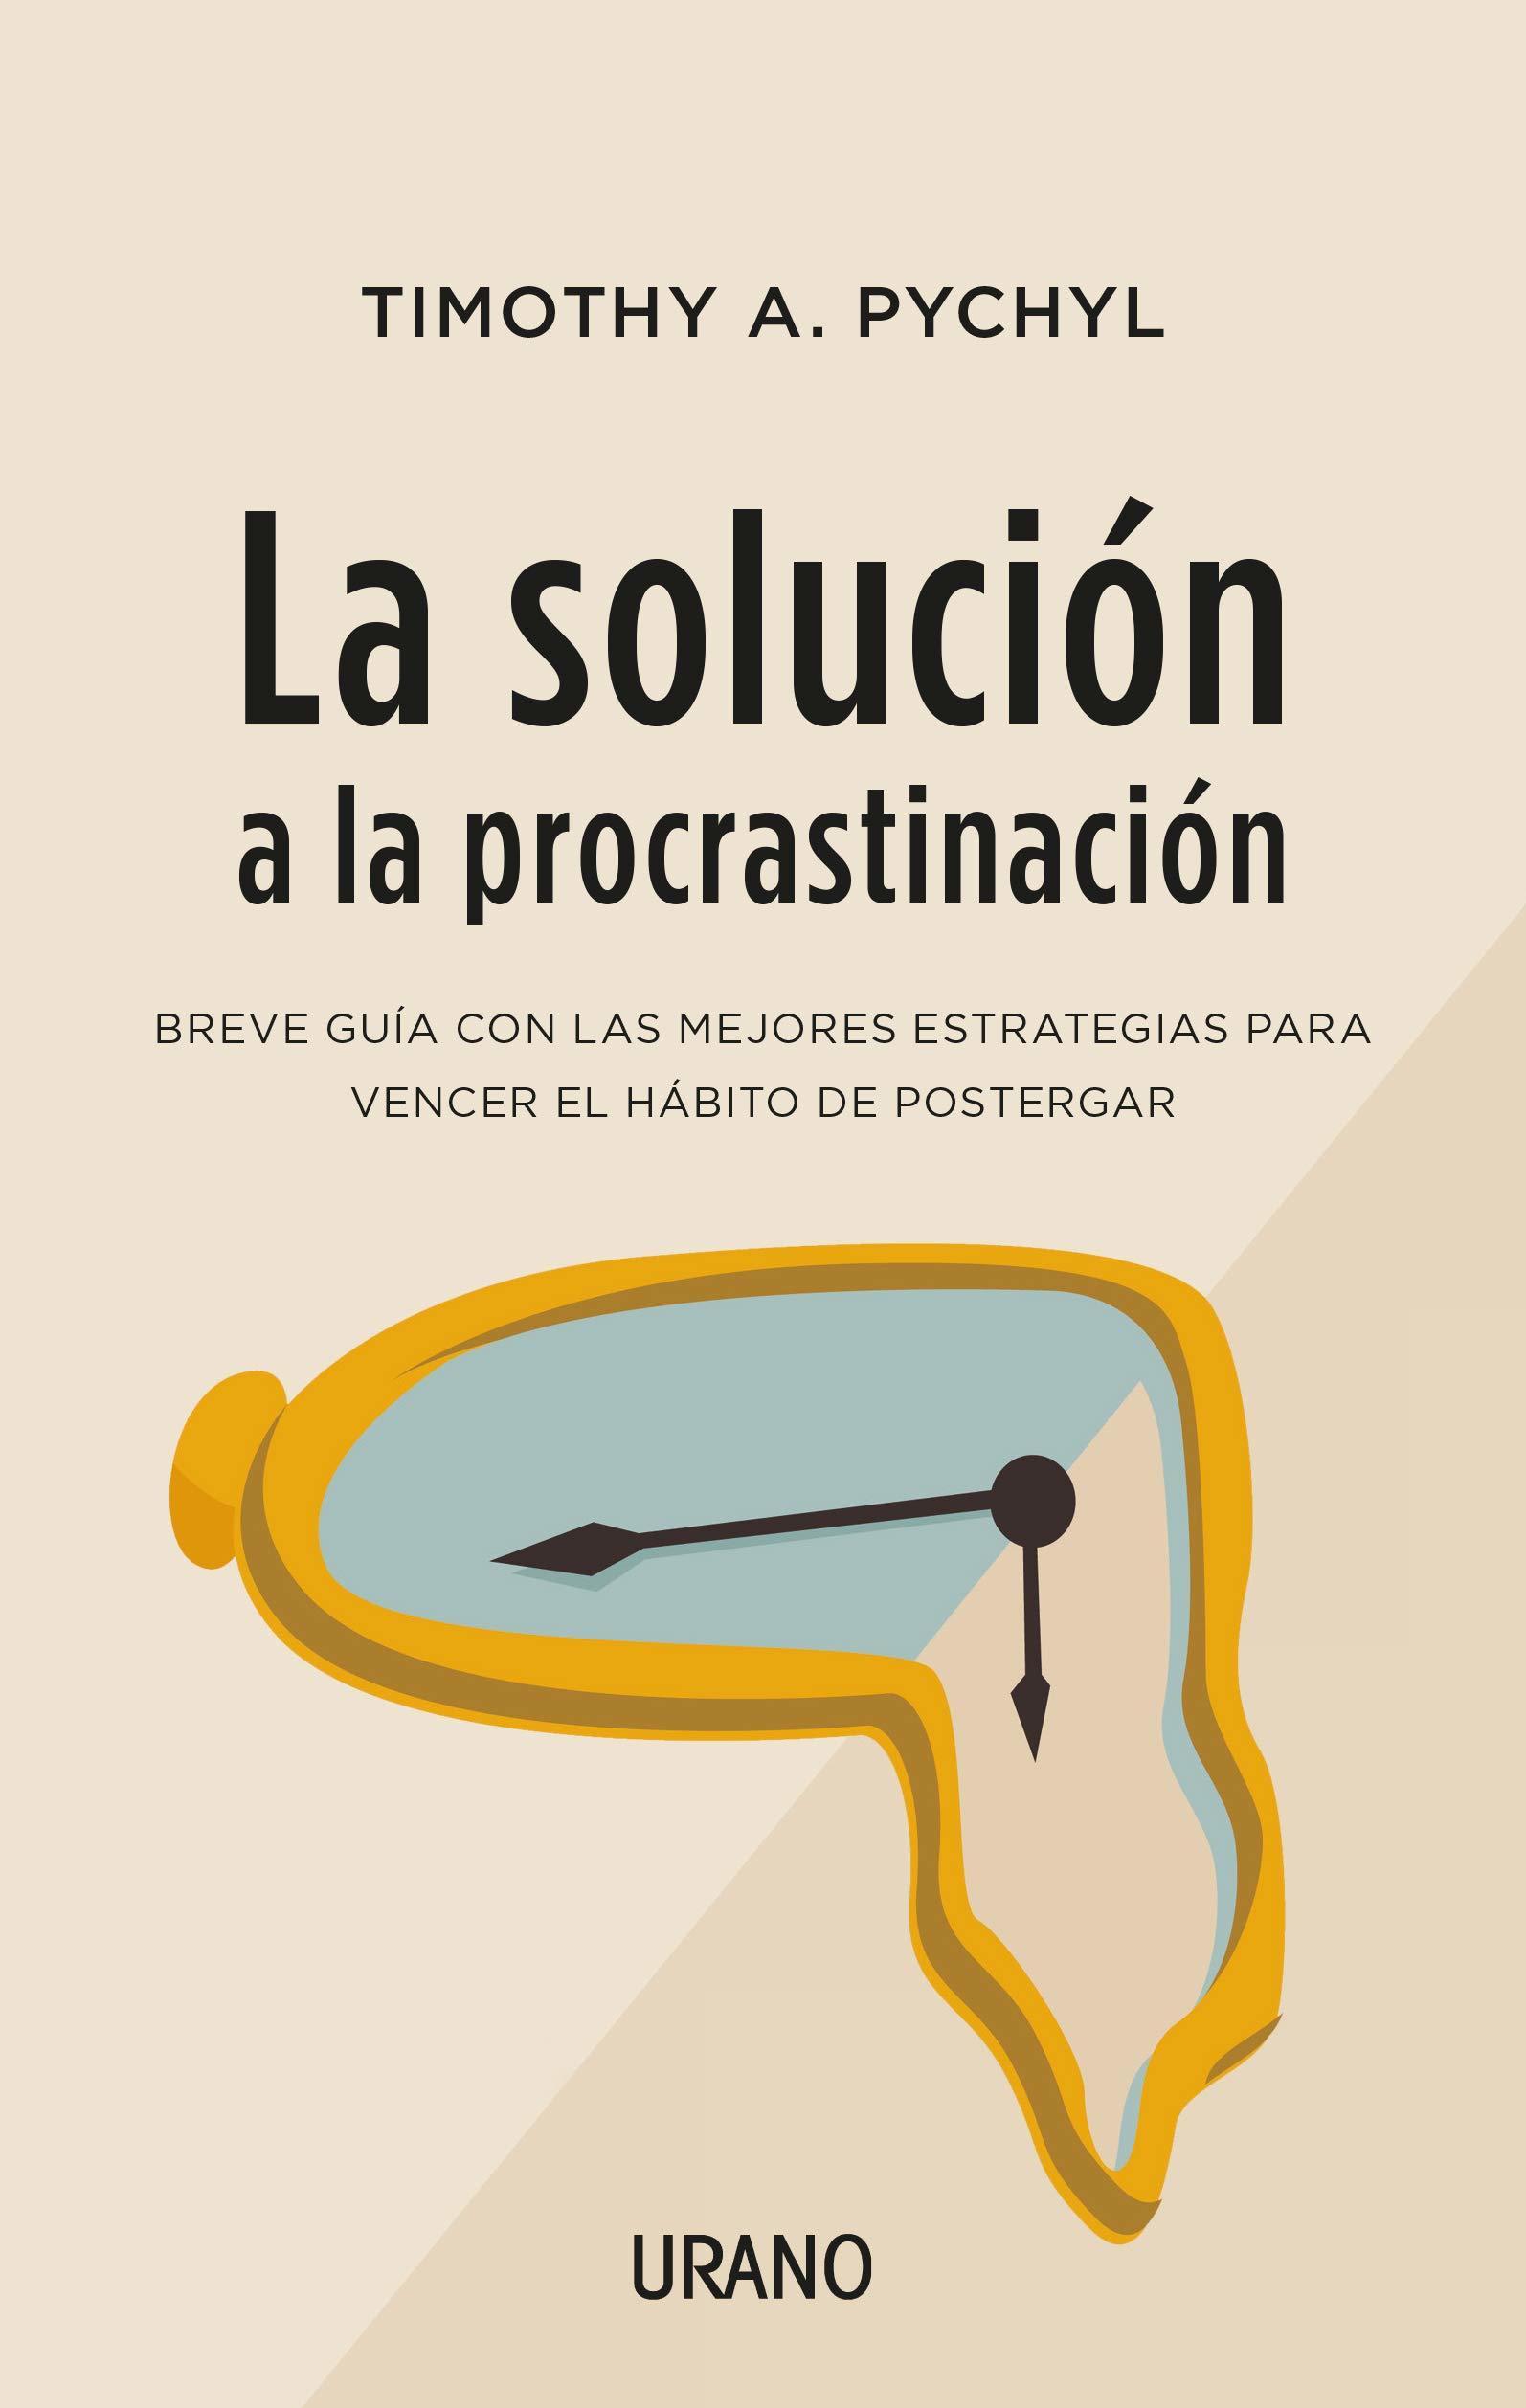 La solución a la procrastinación. De Timothy A. Pychyl.